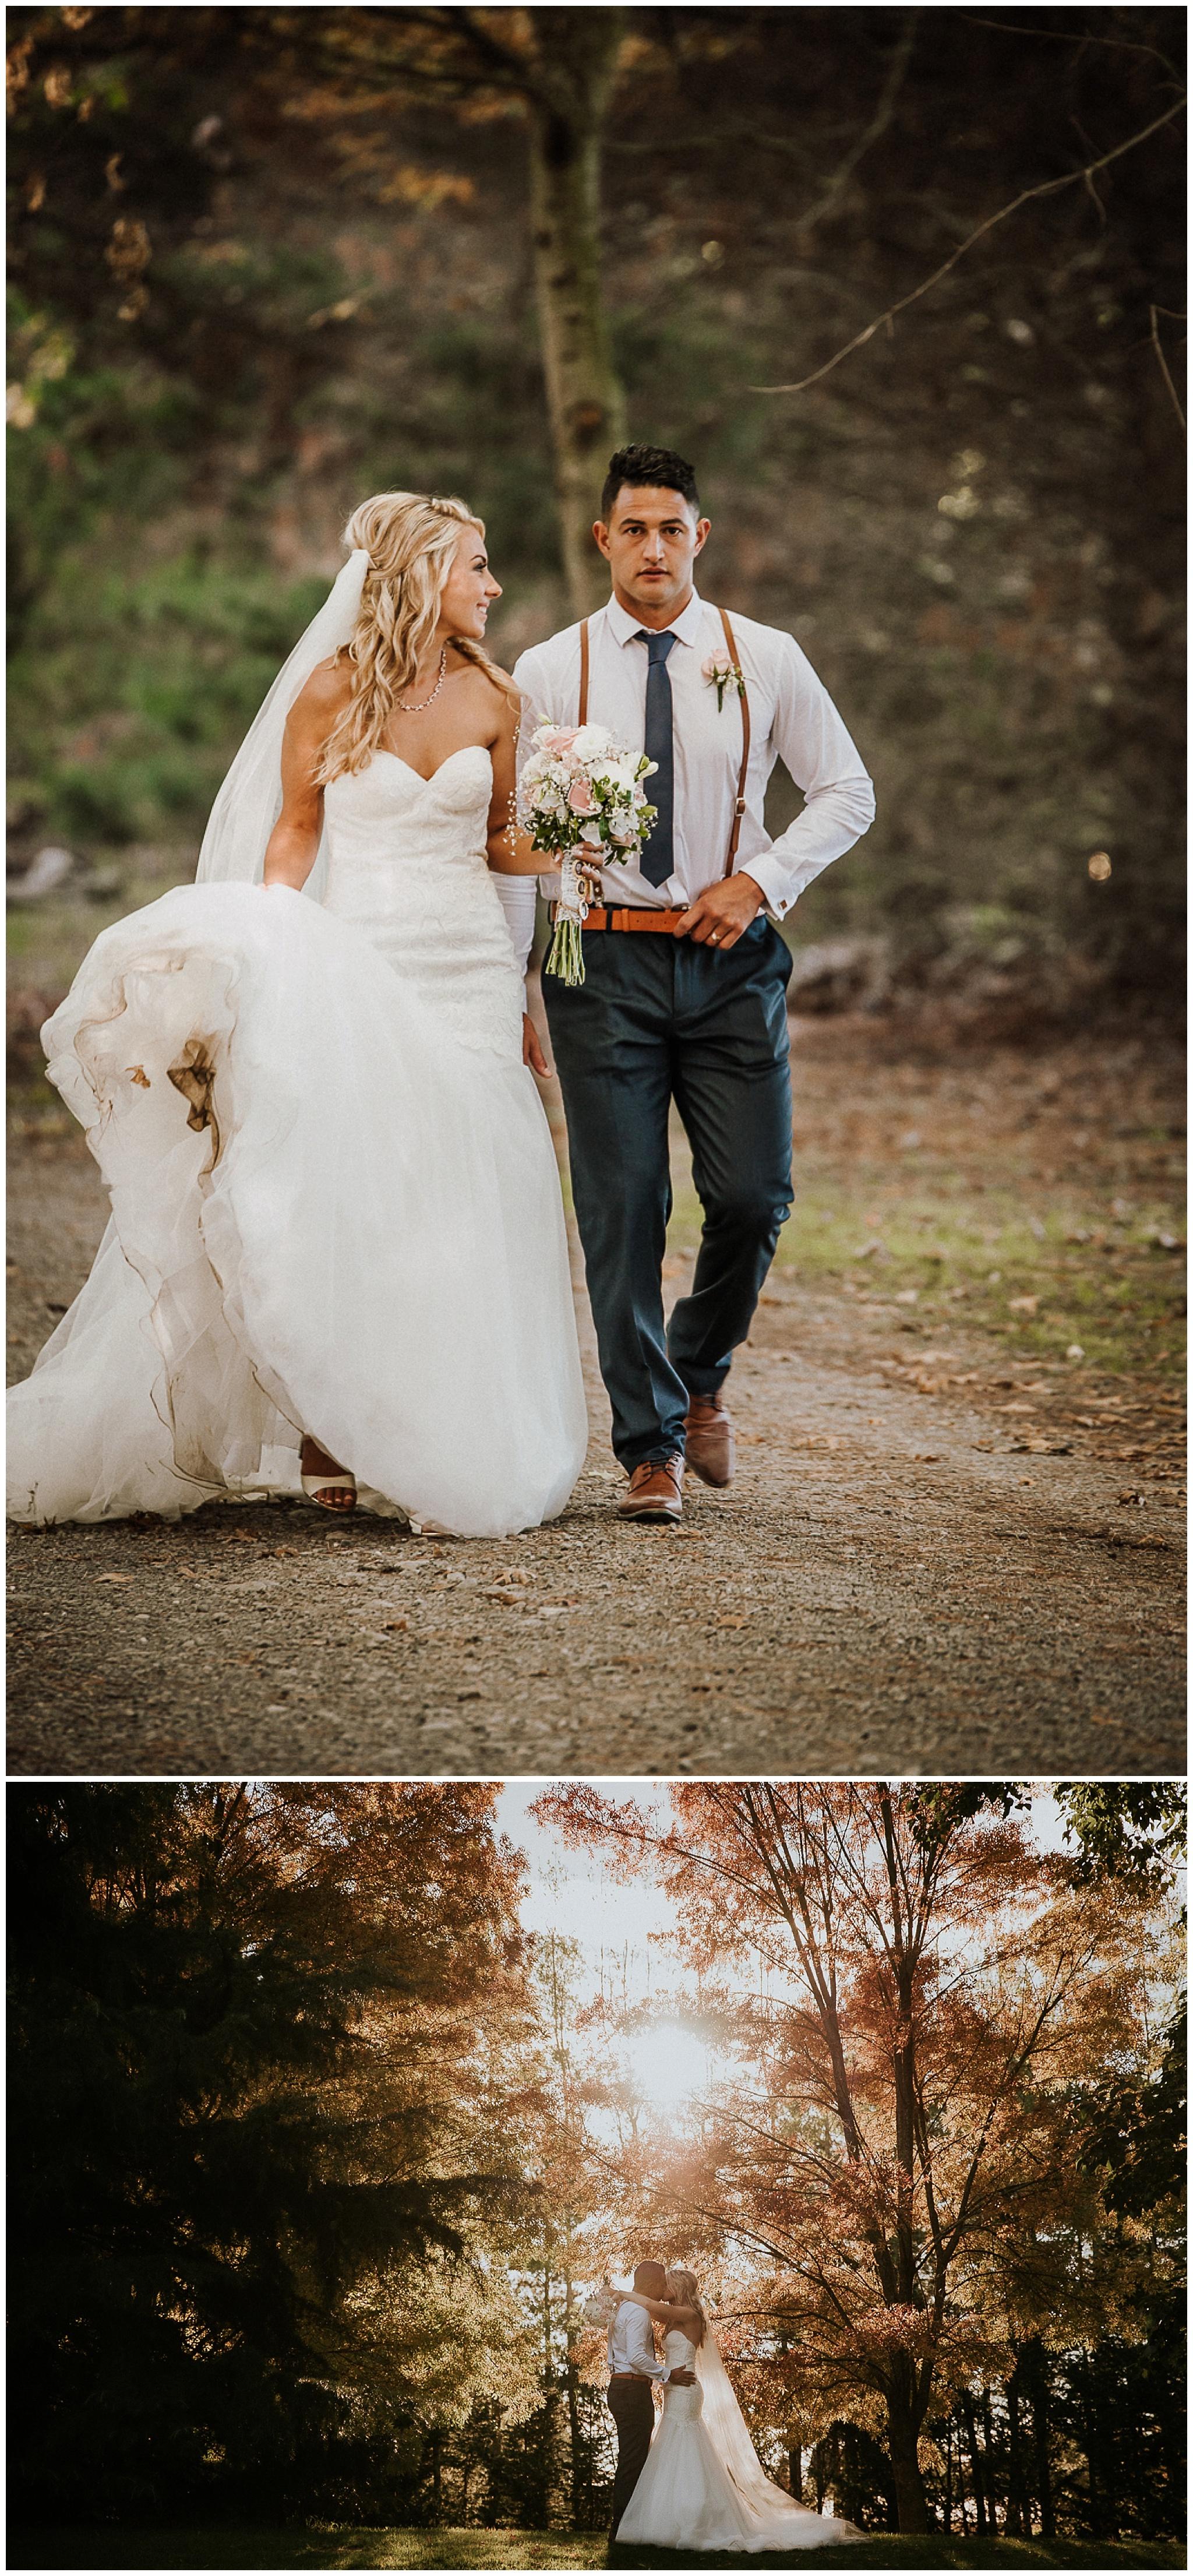 chad-jakalah-christchurch-garden-summer-elegant-auckland-wedding-photographer_0040.jpg